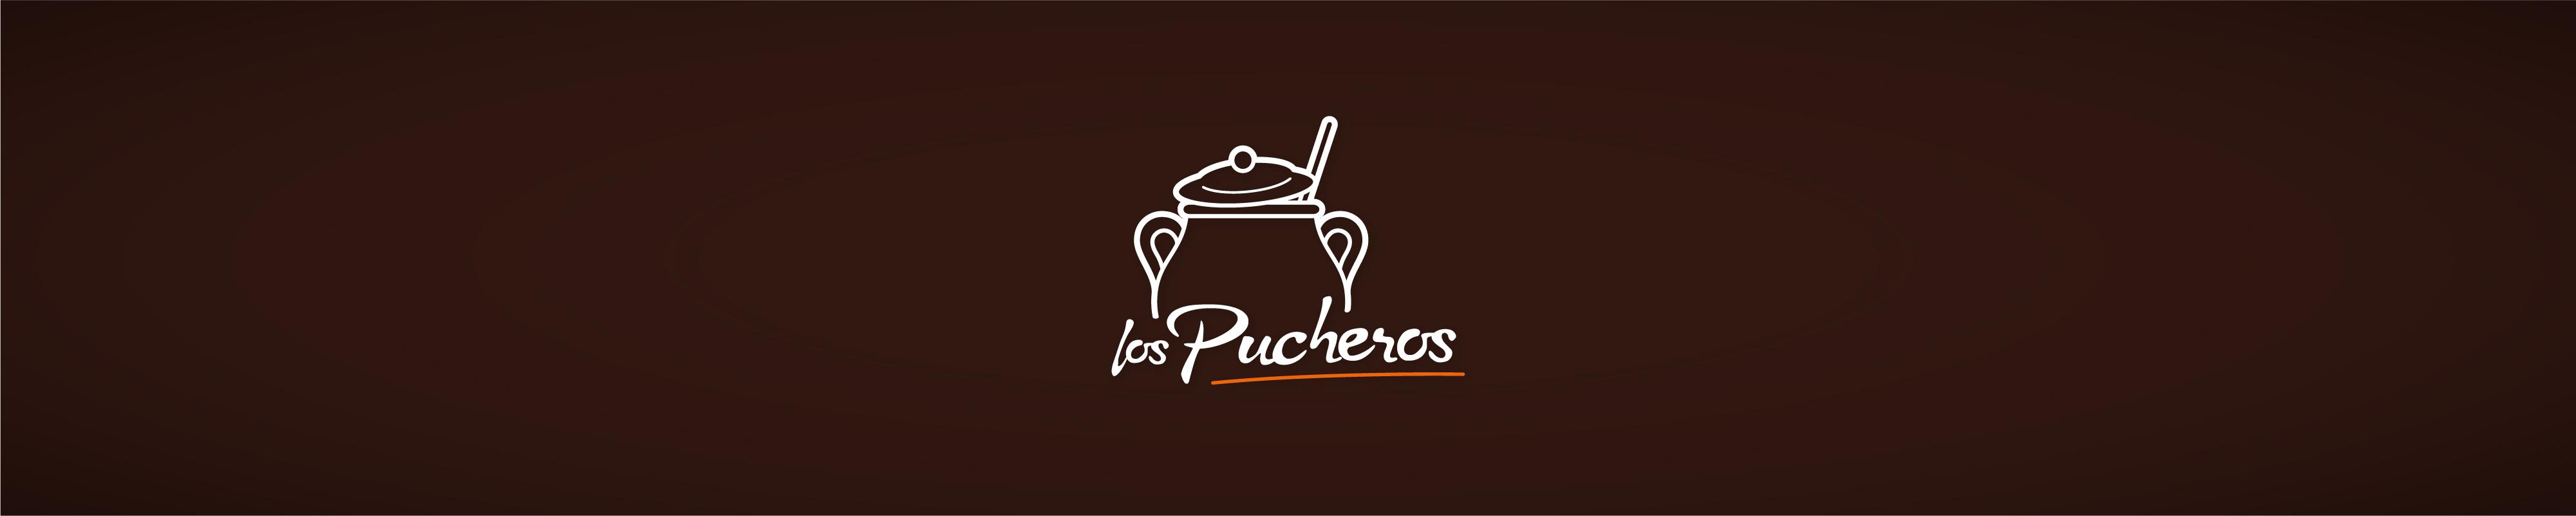 Logotipo Los Pucheros